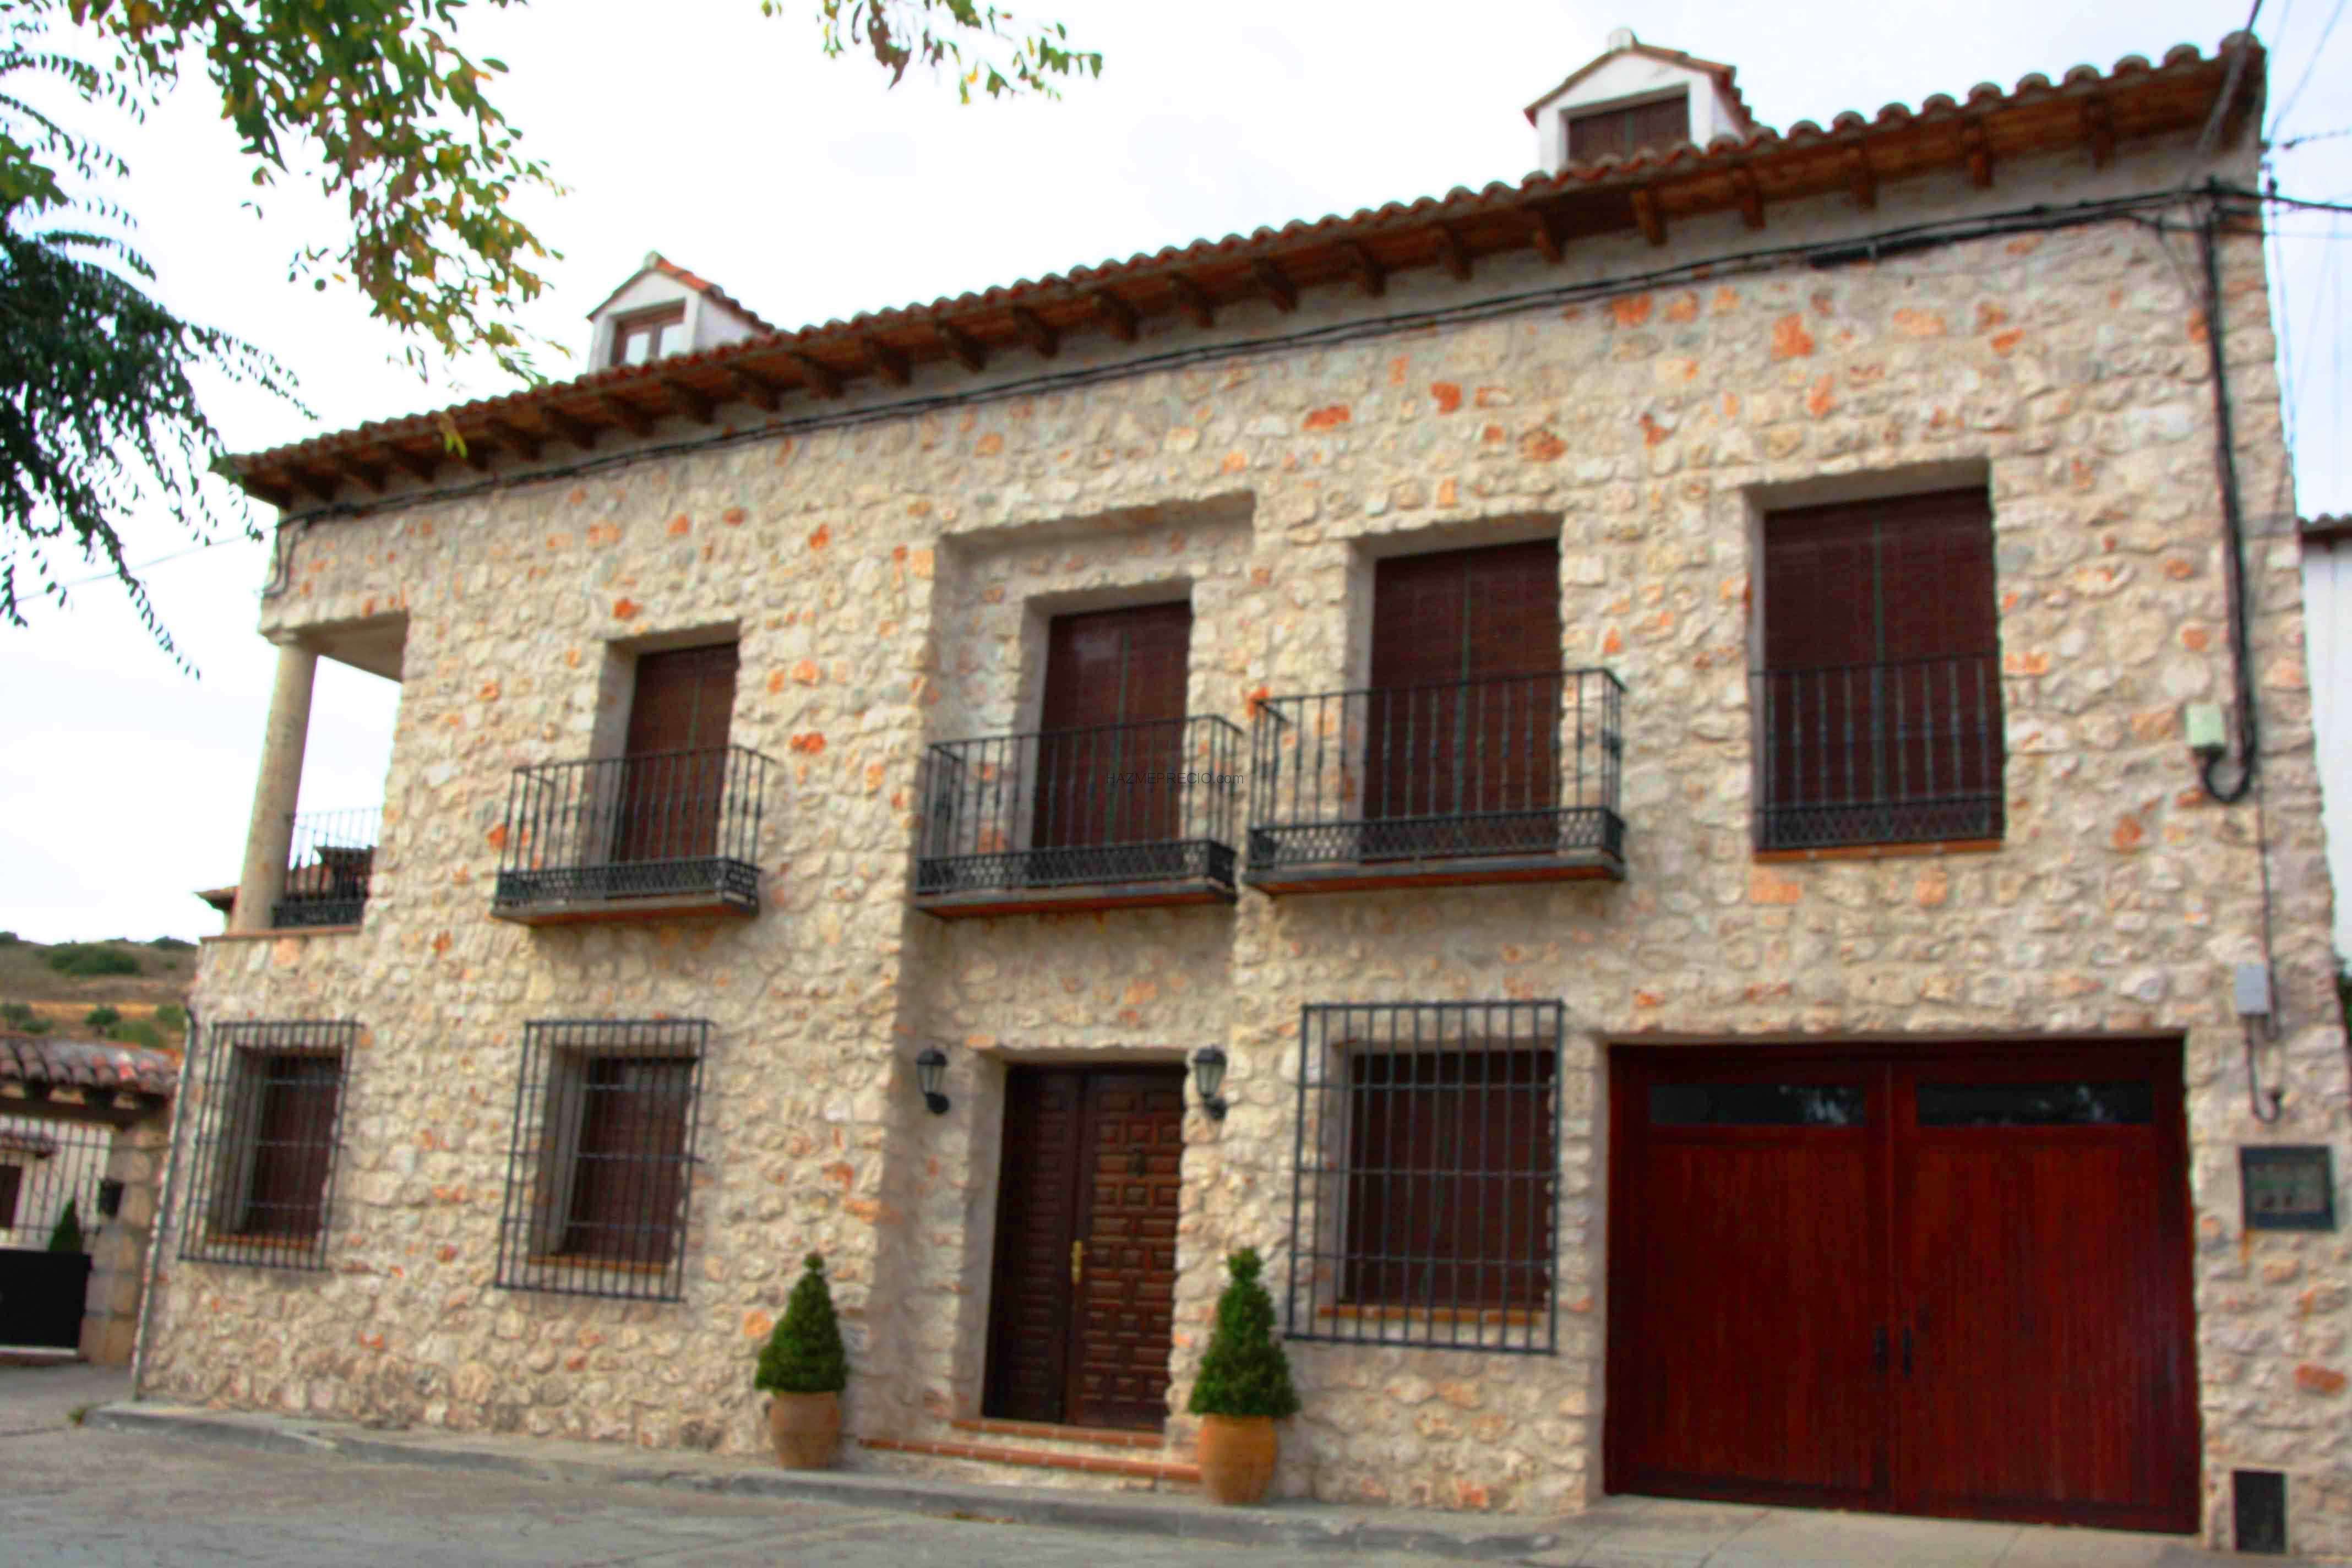 R sticas y rehabilitaci n nubacons sl 28515 olmeda de las fuentes madrid - Subvenciones rehabilitacion casas antiguas ...